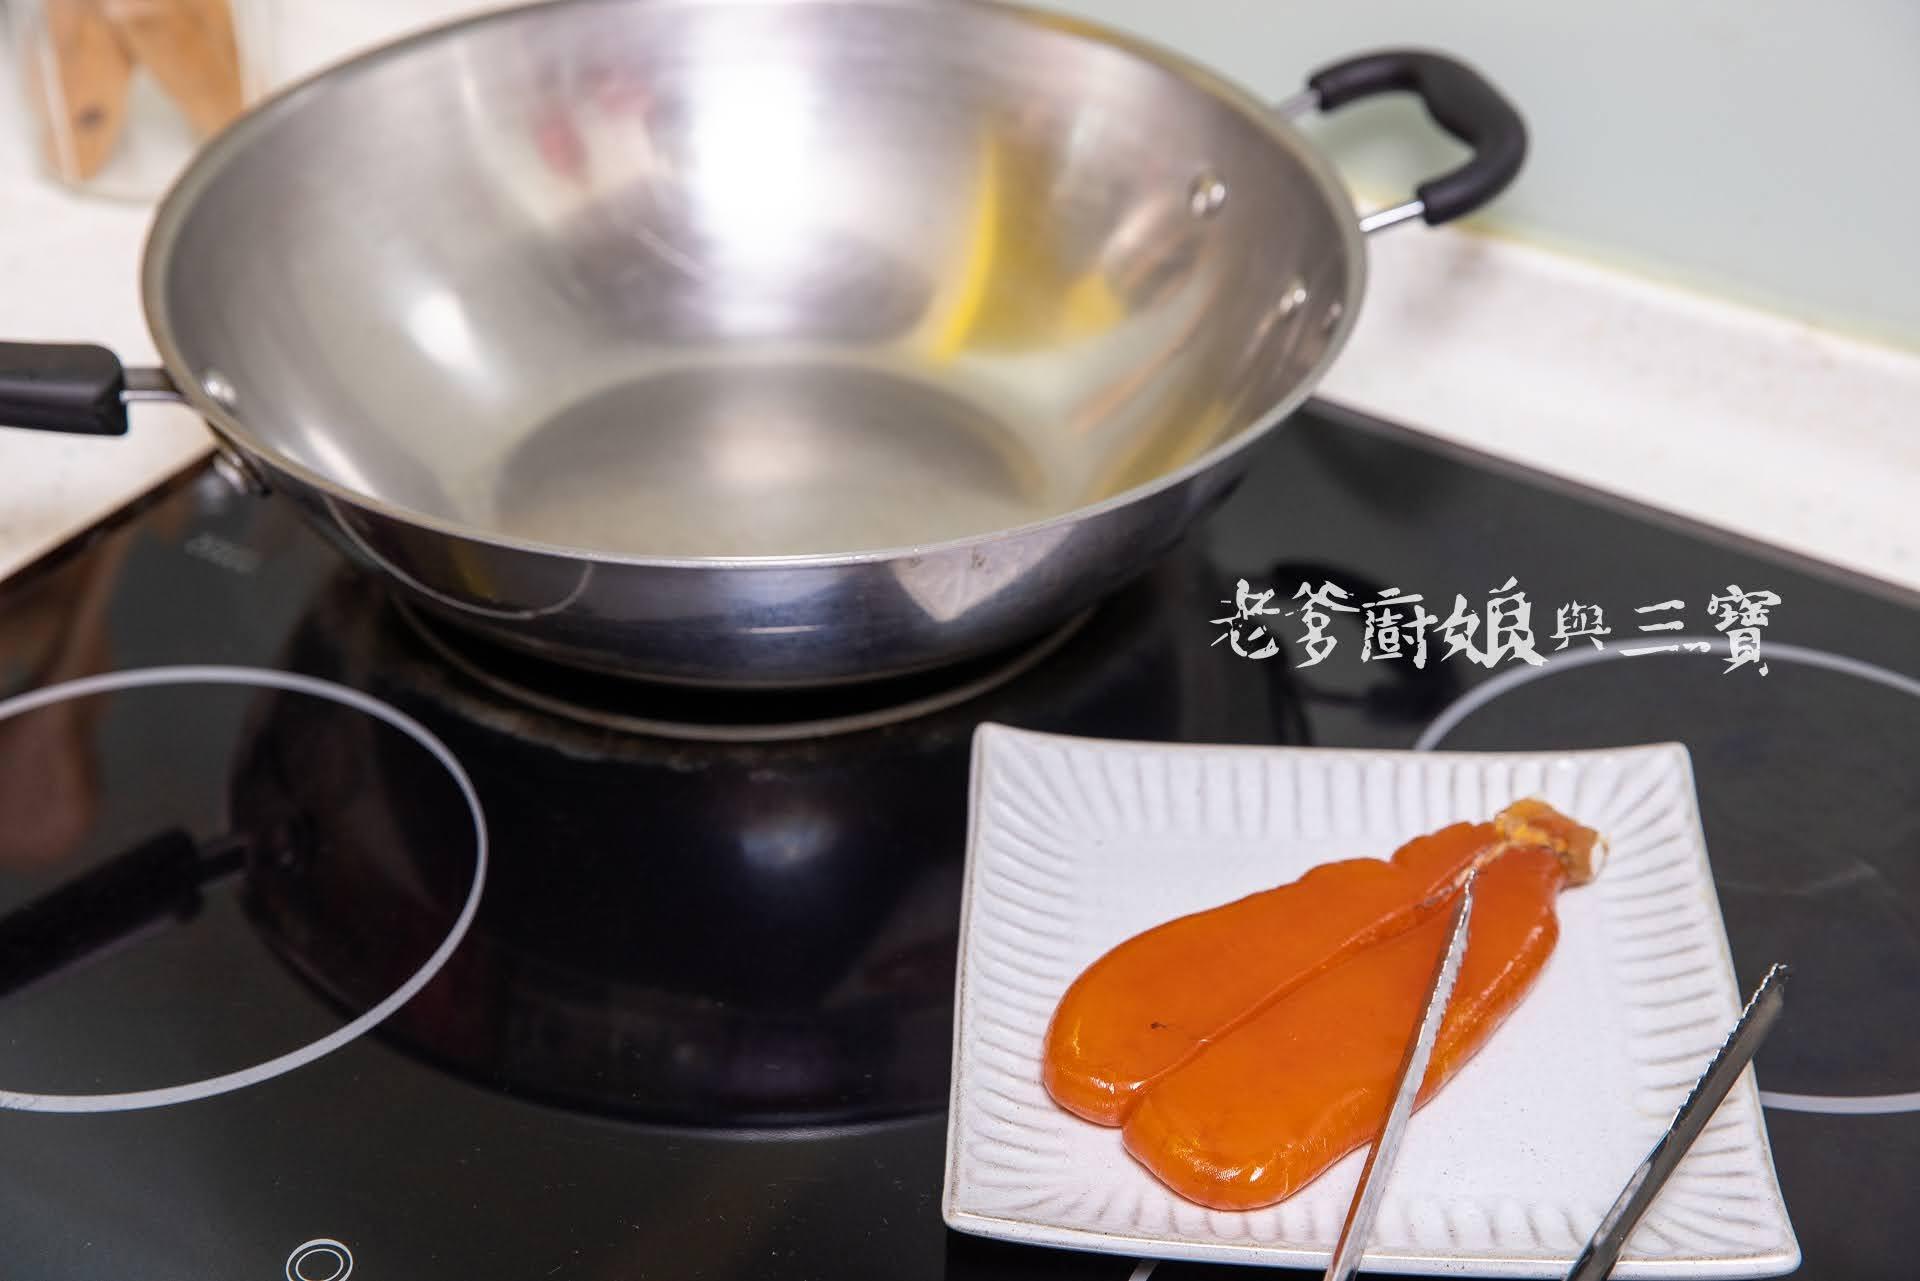 【團圓烏魚子】吃烏魚子不再是過年宴客時的專利 炙燒即食烏魚子一口吃+台灣野生黑金